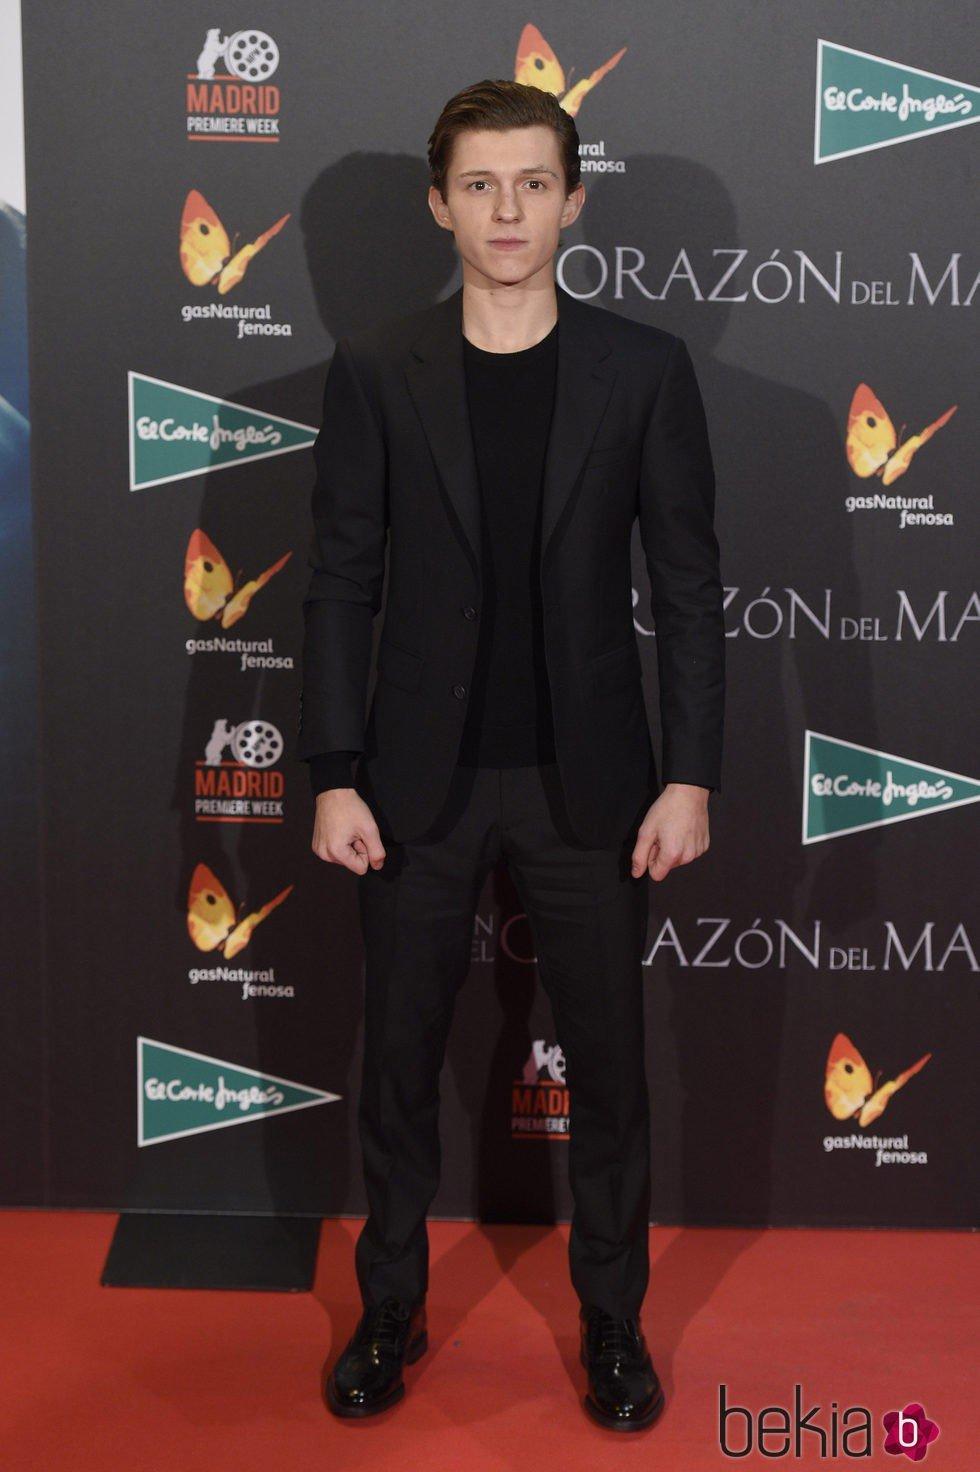 Tom Holland en el estreno de 'En el corazón del mar' en Madrid